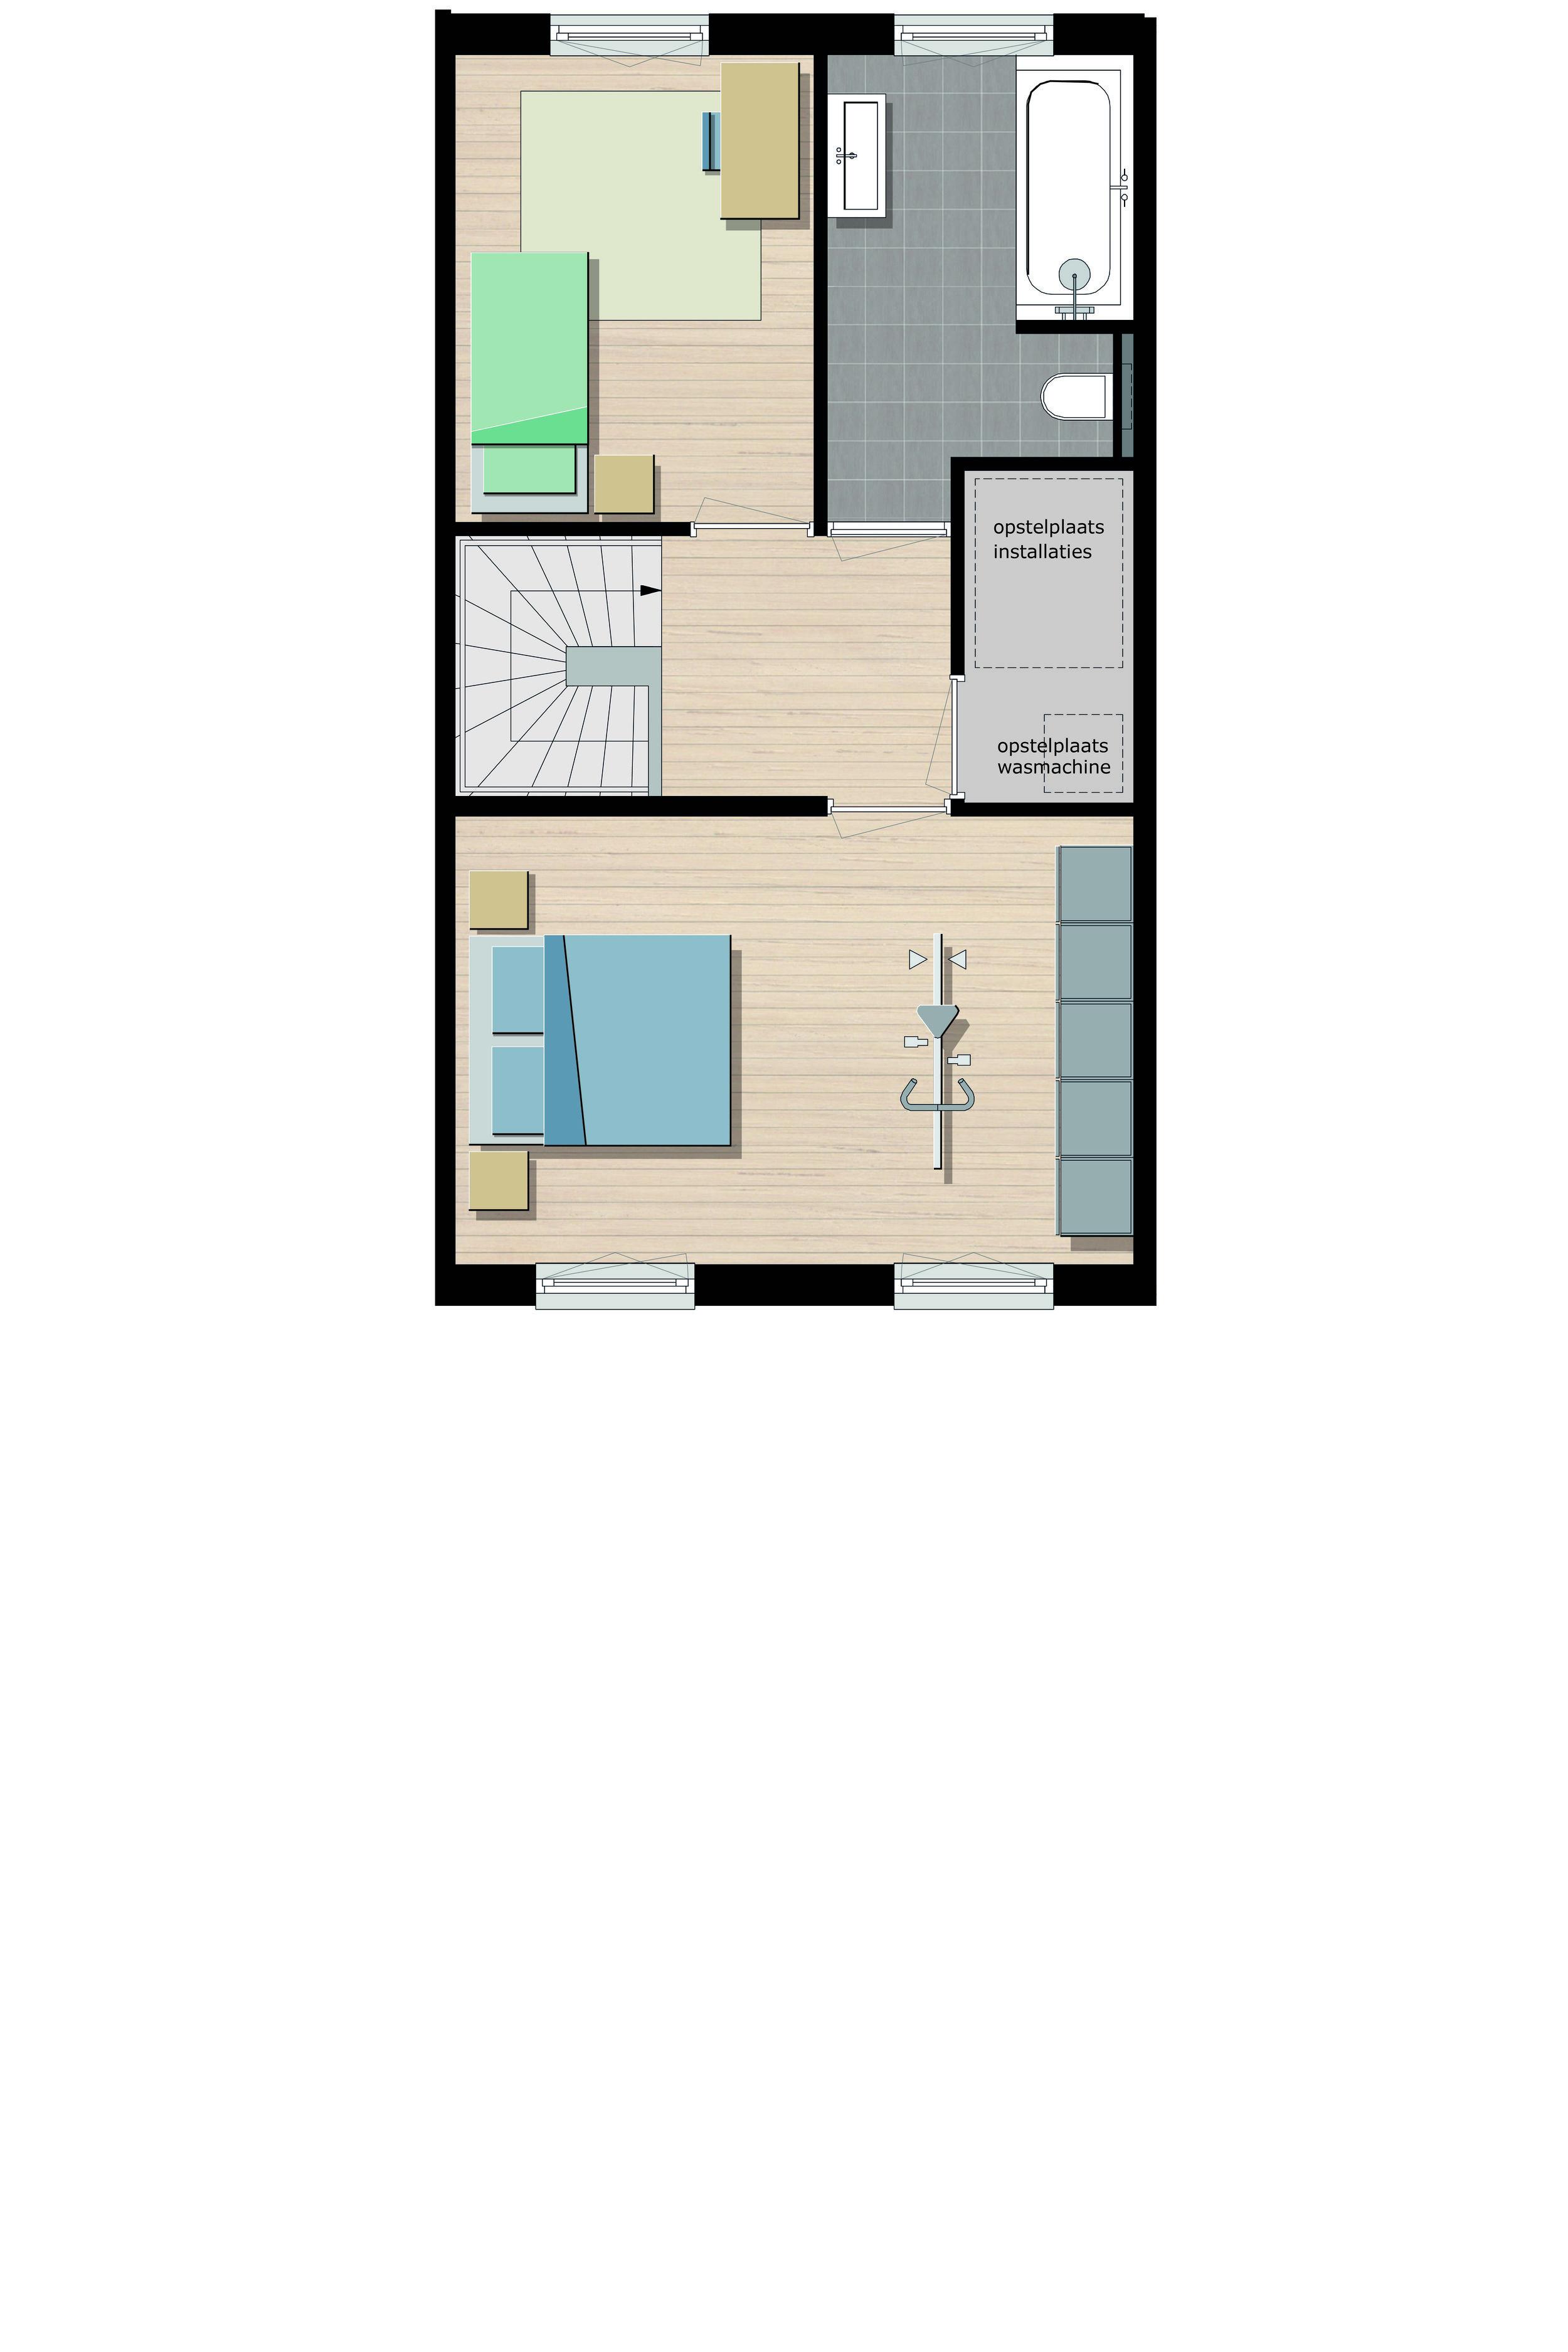 plattegrond Frederique-2e.jpg